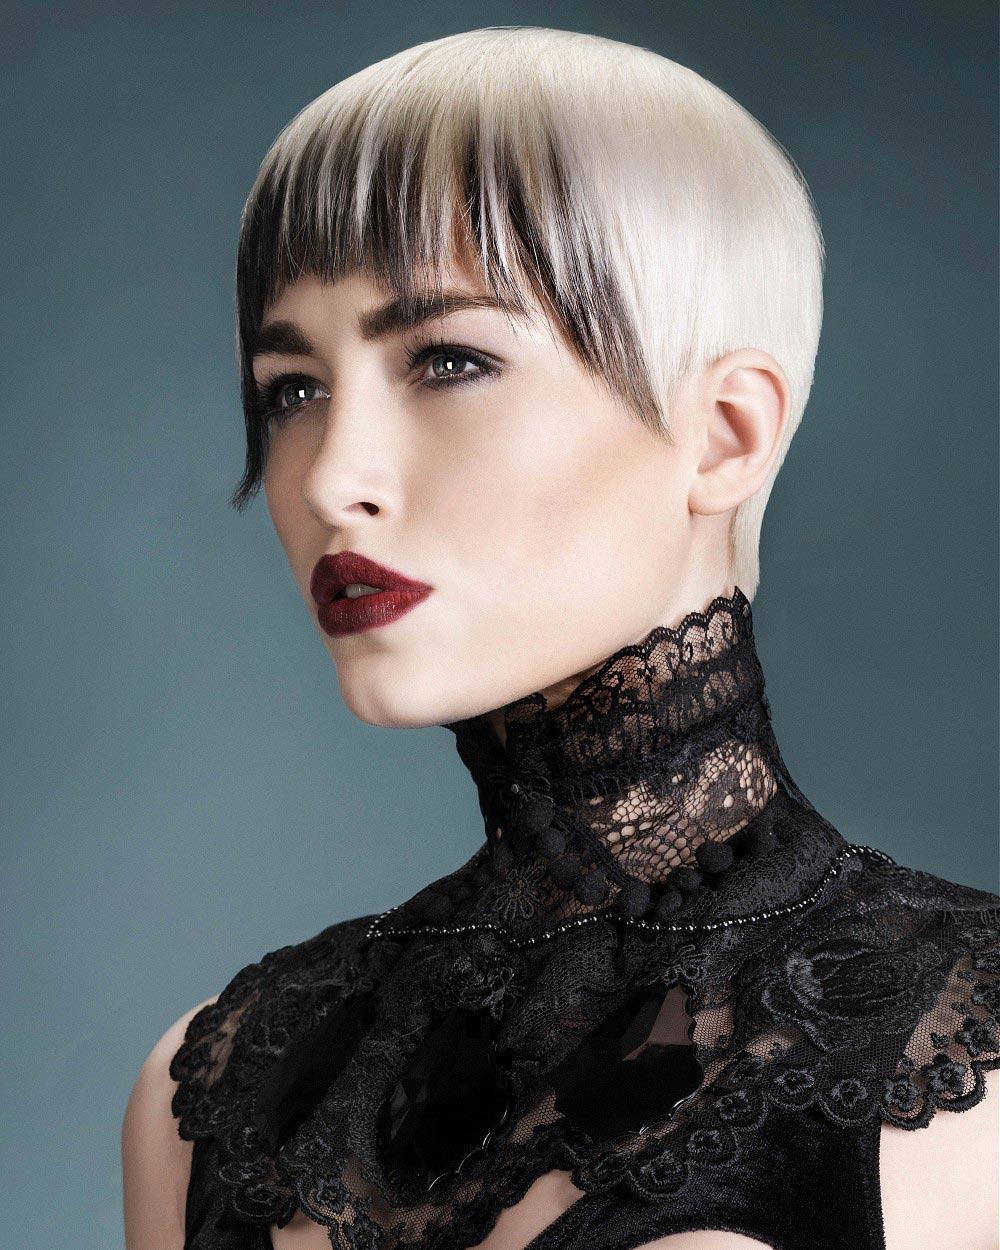 Farebné party účesy 2014/2015 vedia osviežiť všetky dĺžky vlasov, aj krátke. (Účes: Sharon Malcolm – BELLA Collection)